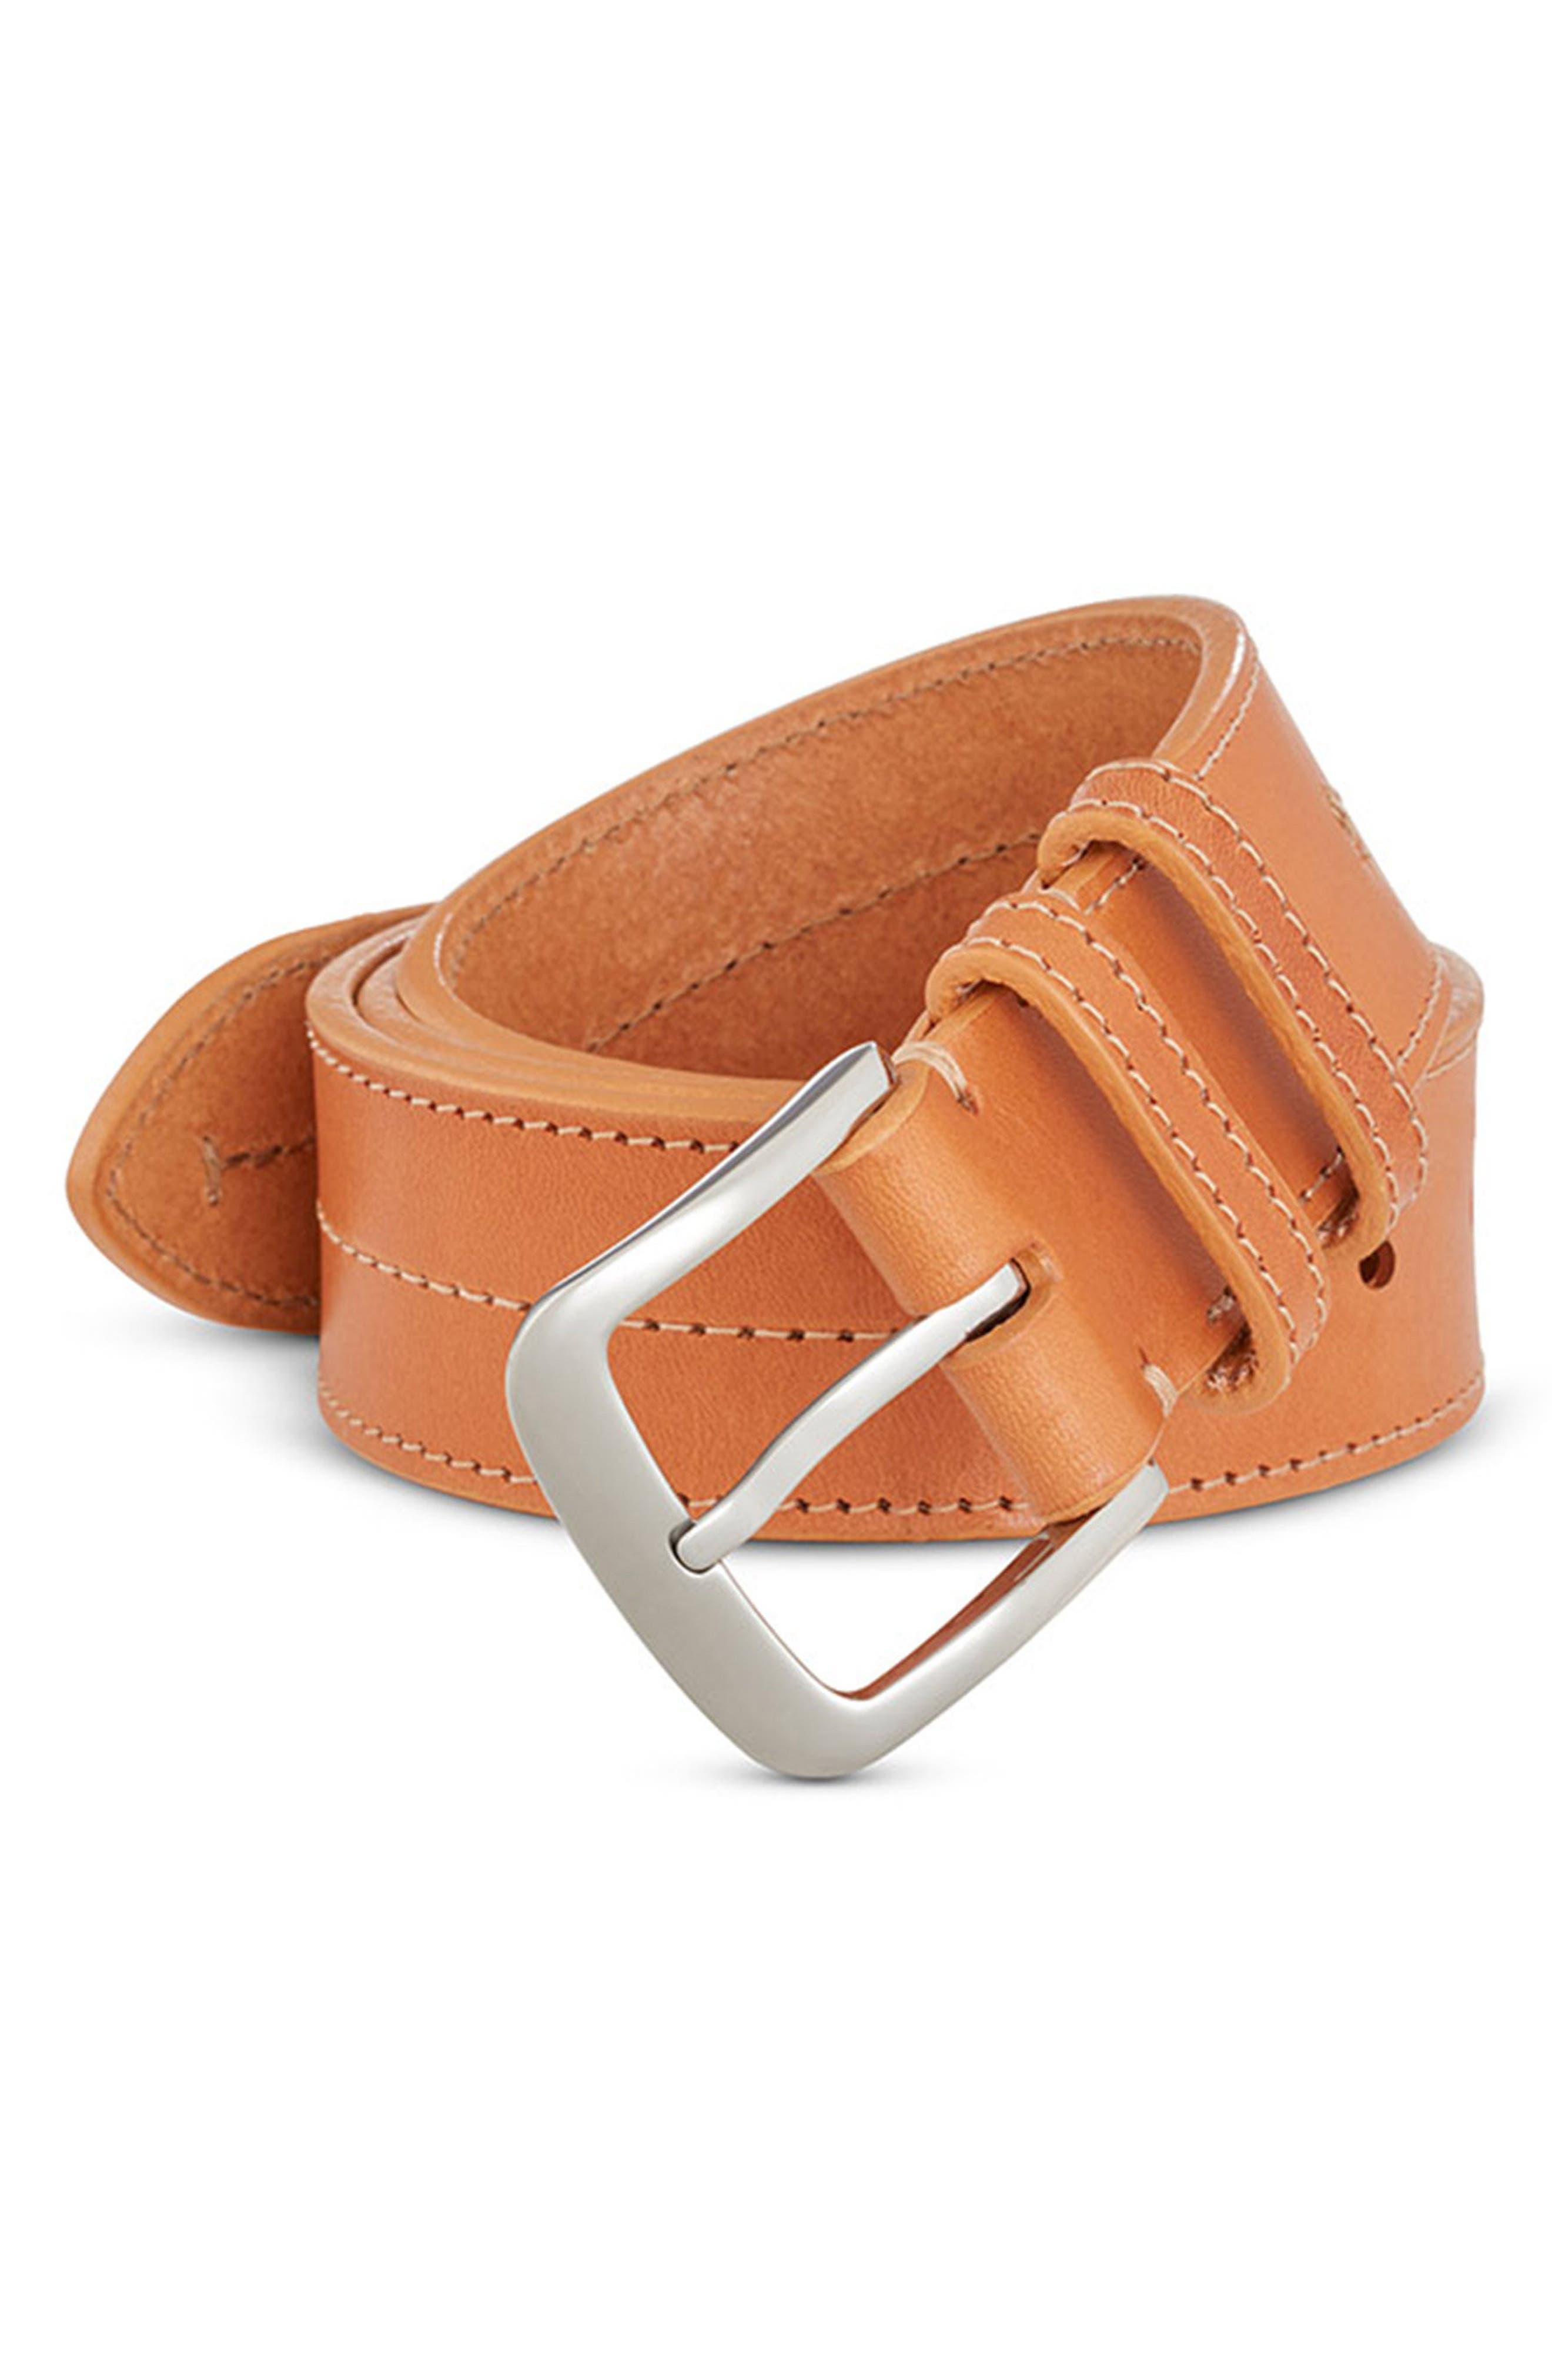 Alternate Image 3  - Shinola Leather Belt